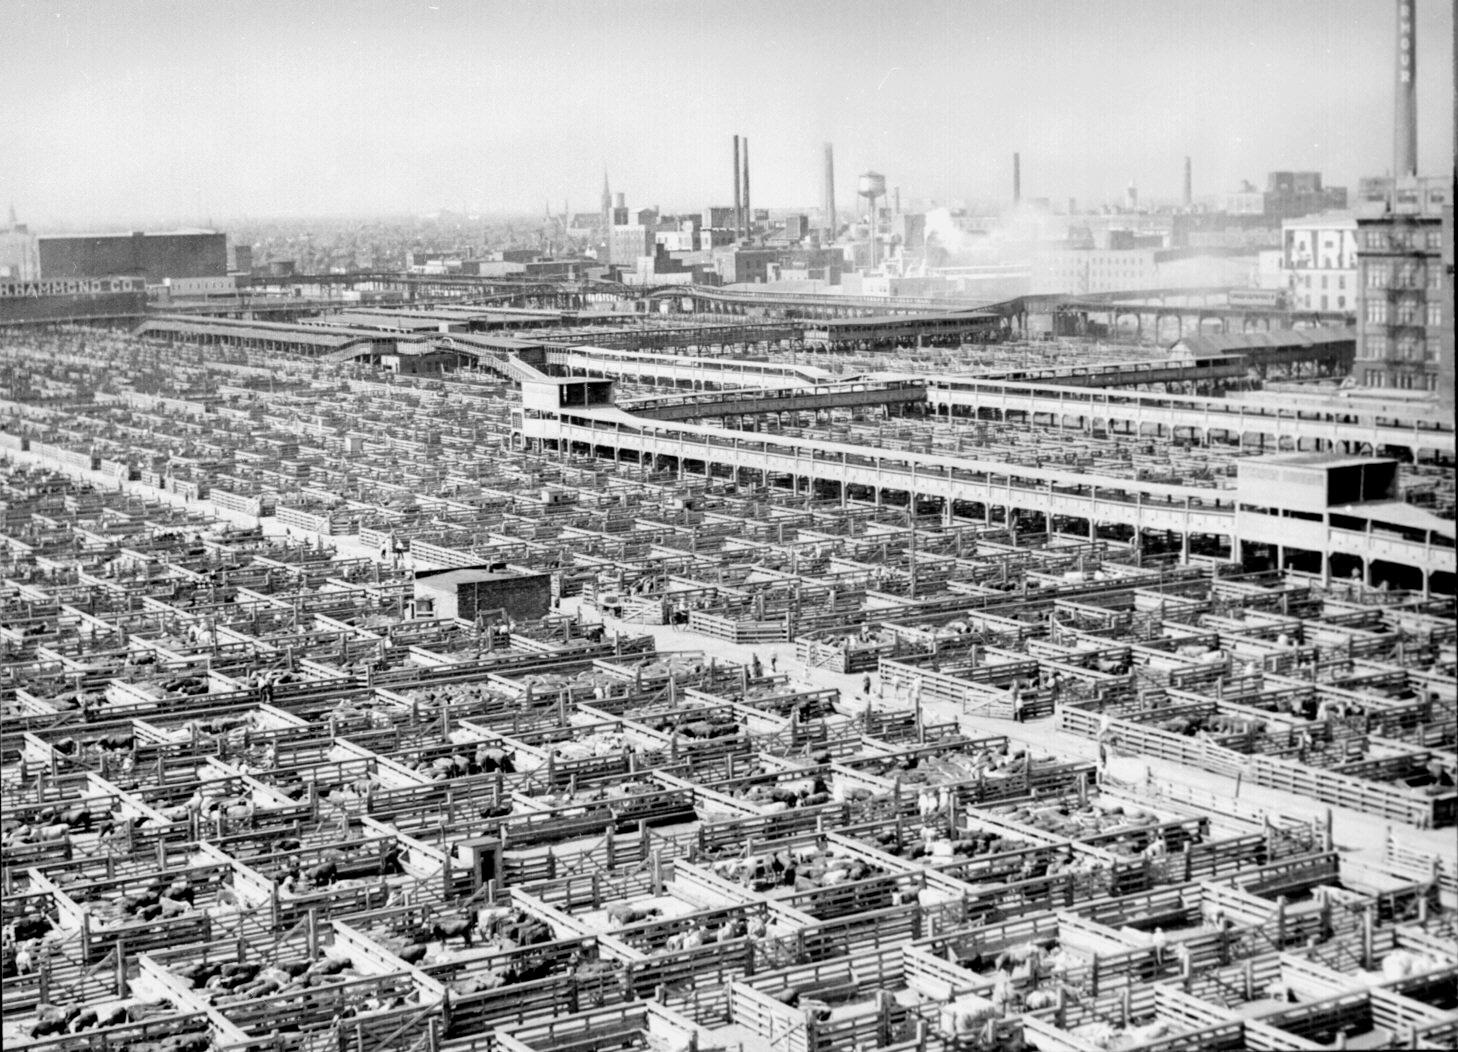 Chicago Stockyards, via Wikimedia